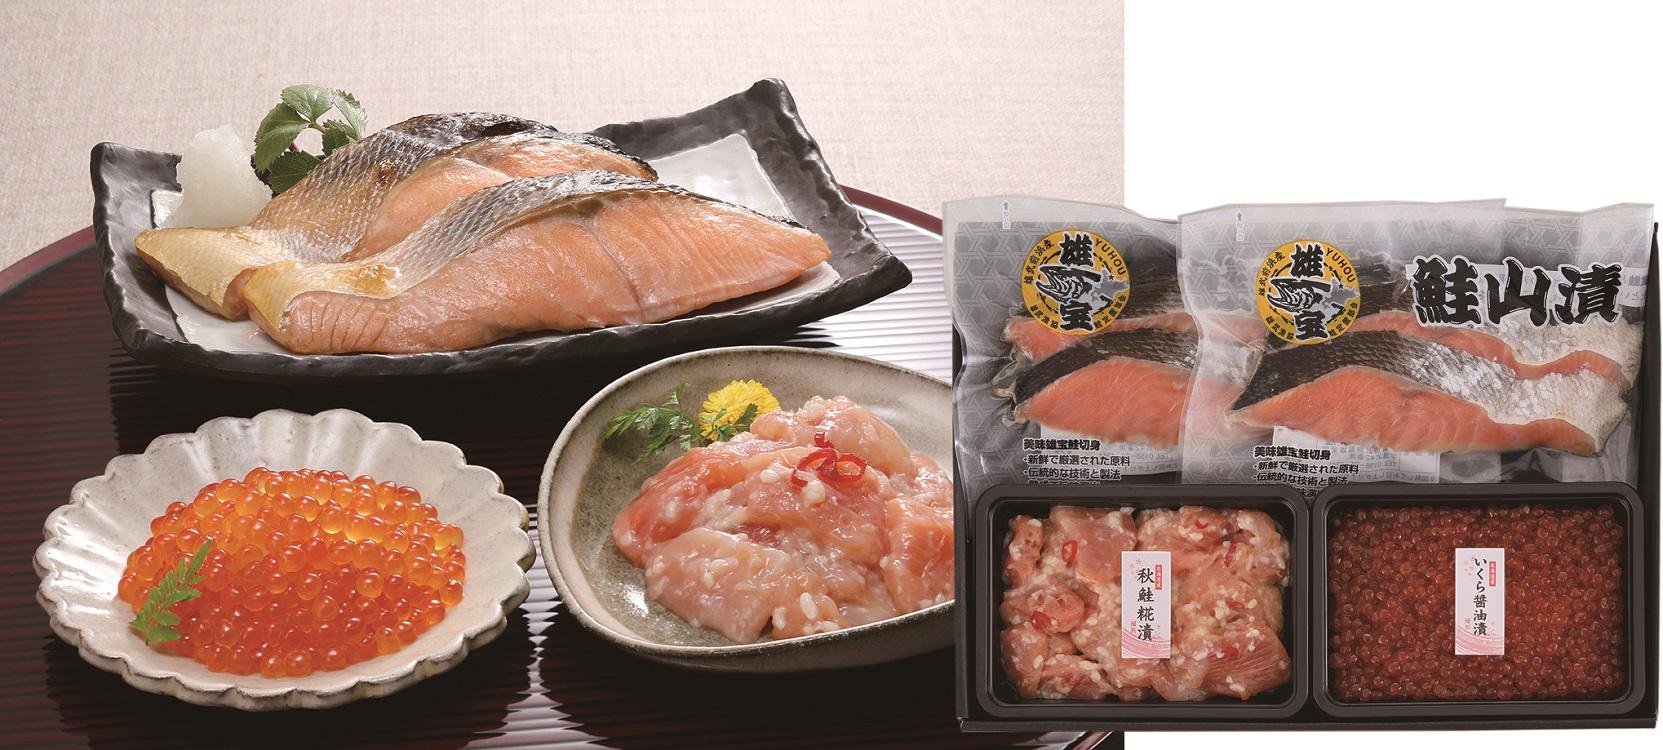 キョクイチフーズ 北海道の鮭三昧 【D9920】